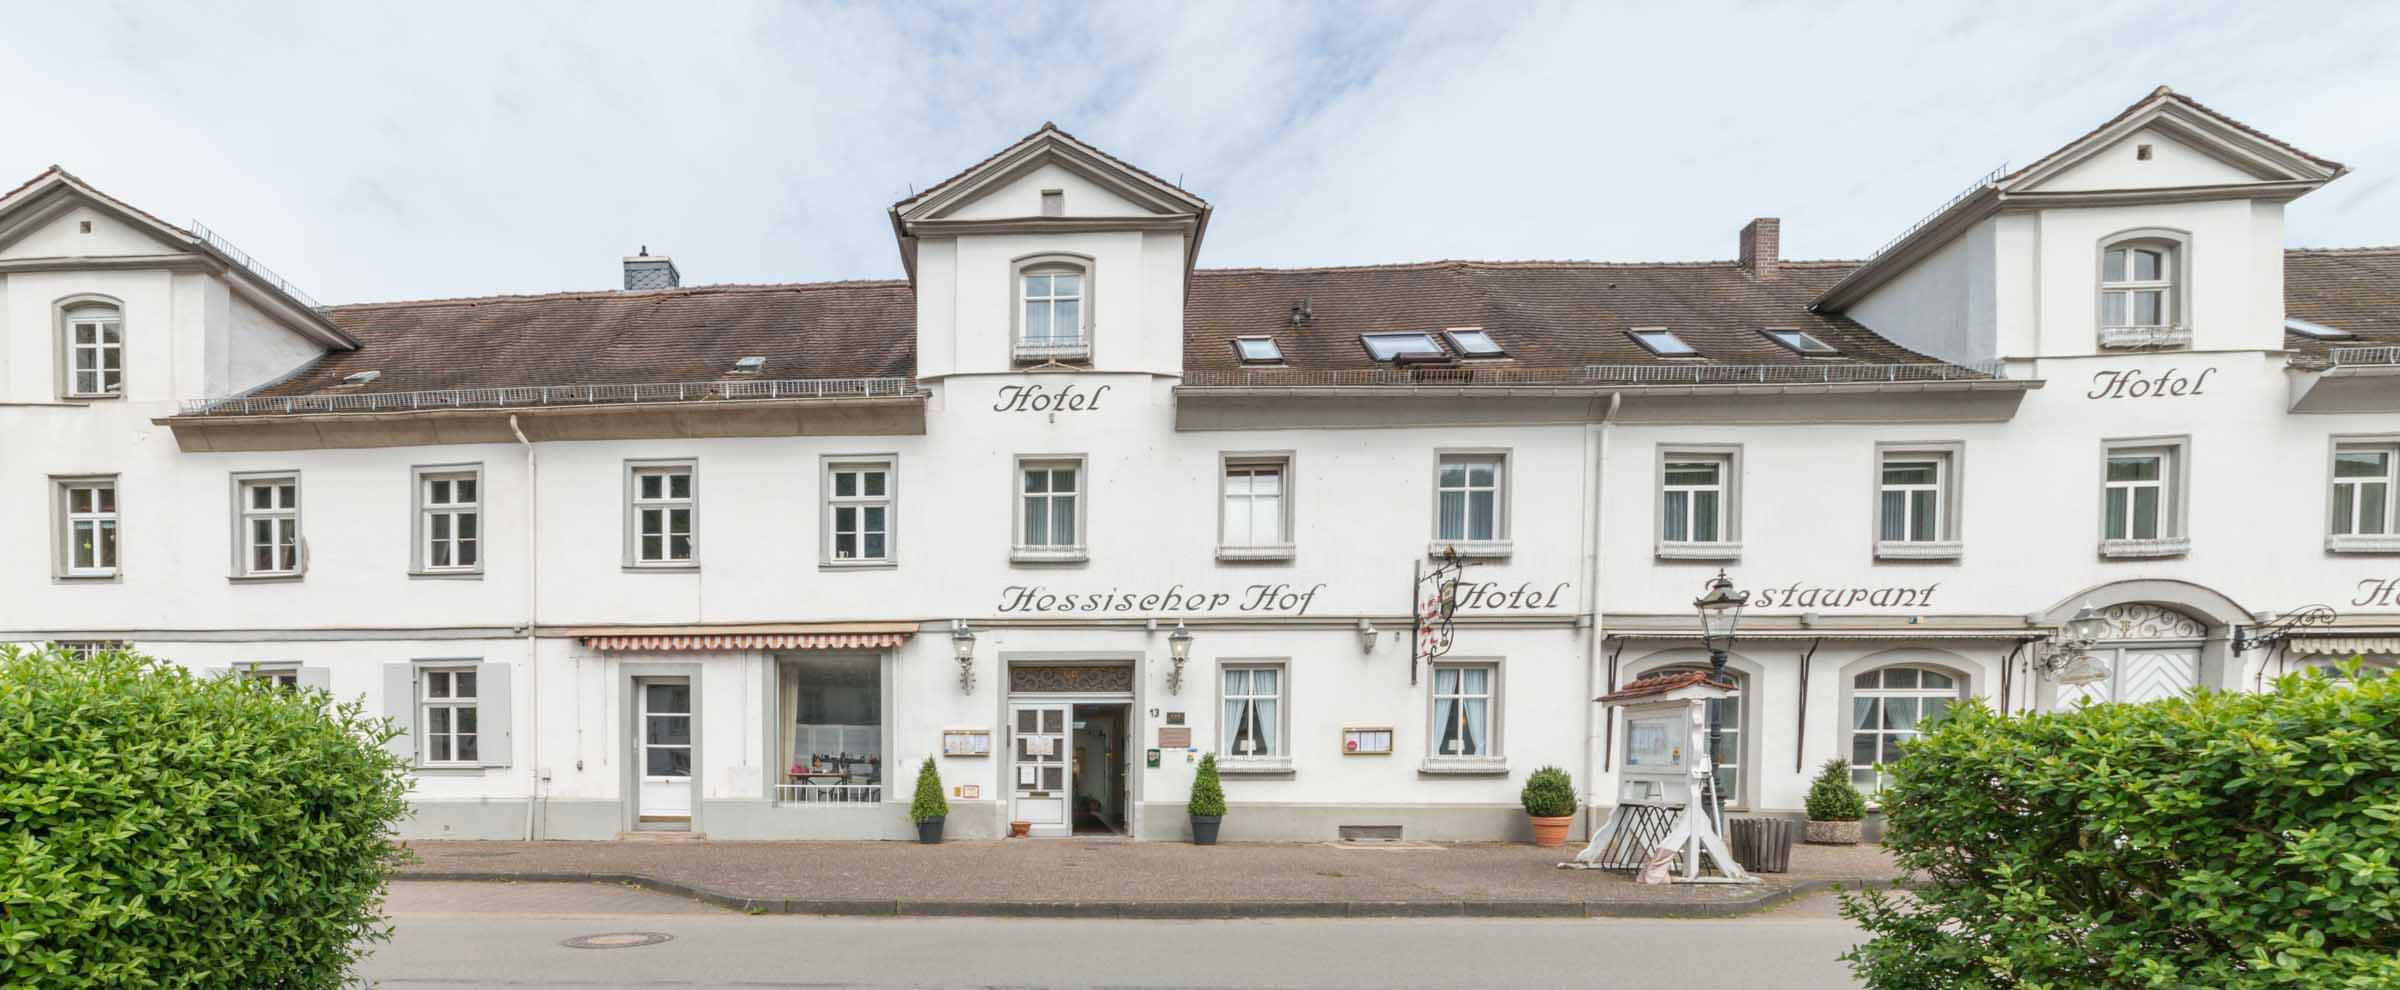 Hessischer Hof Bad Karlshafen EN